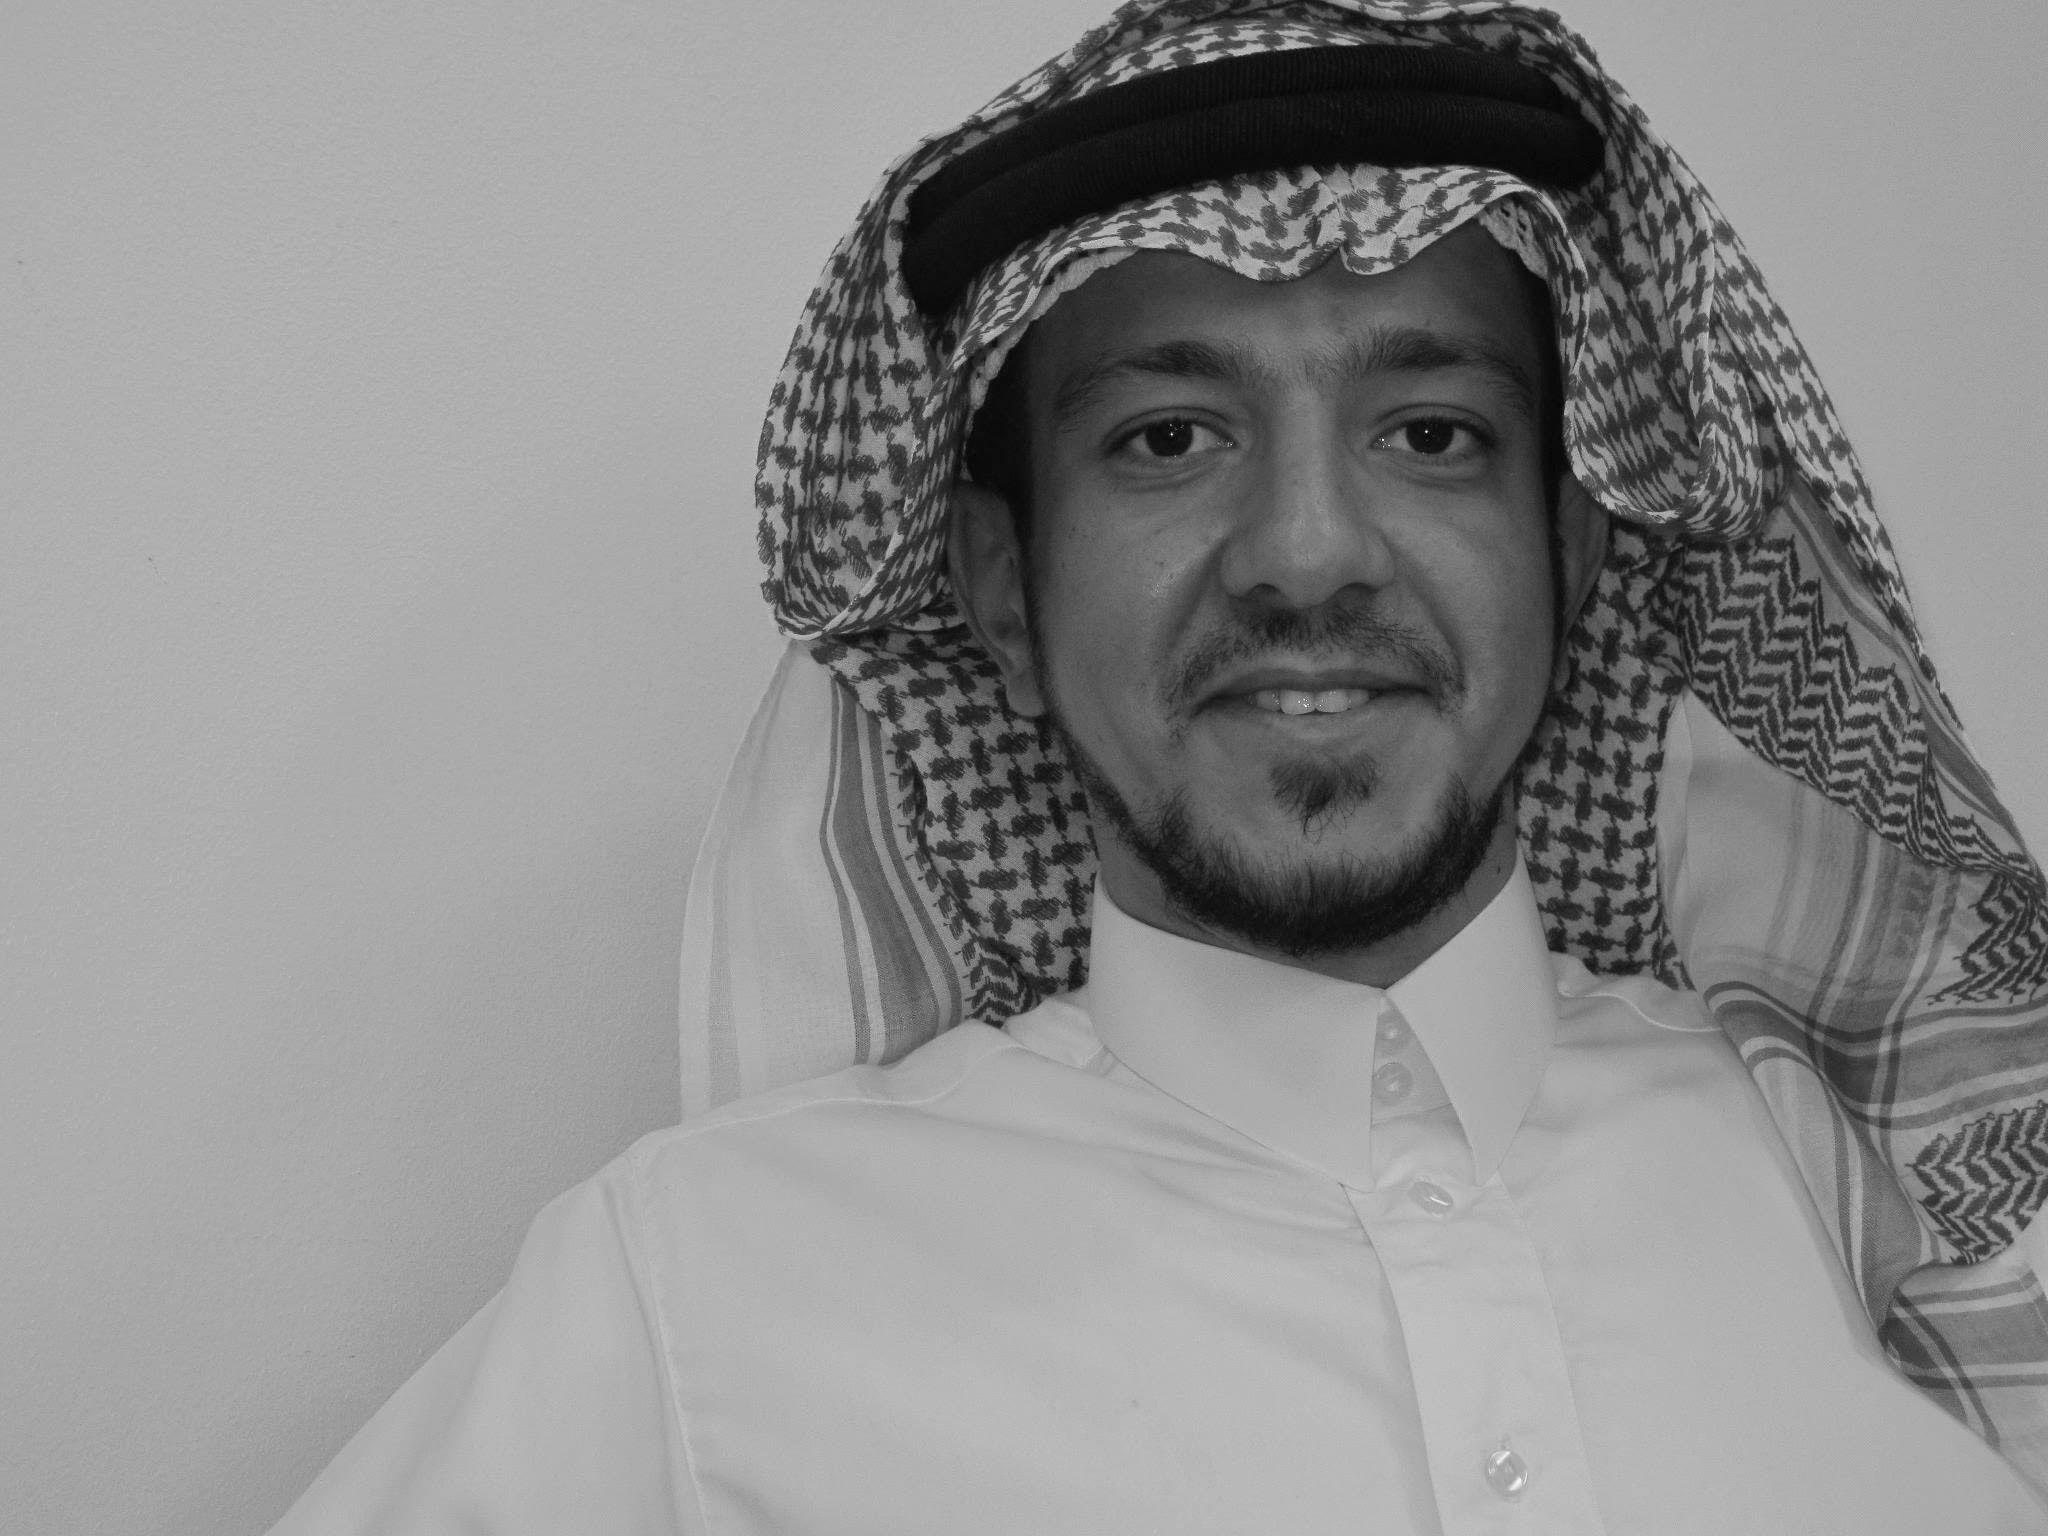 خالد بن عبد الرحمن العرفج Headshot